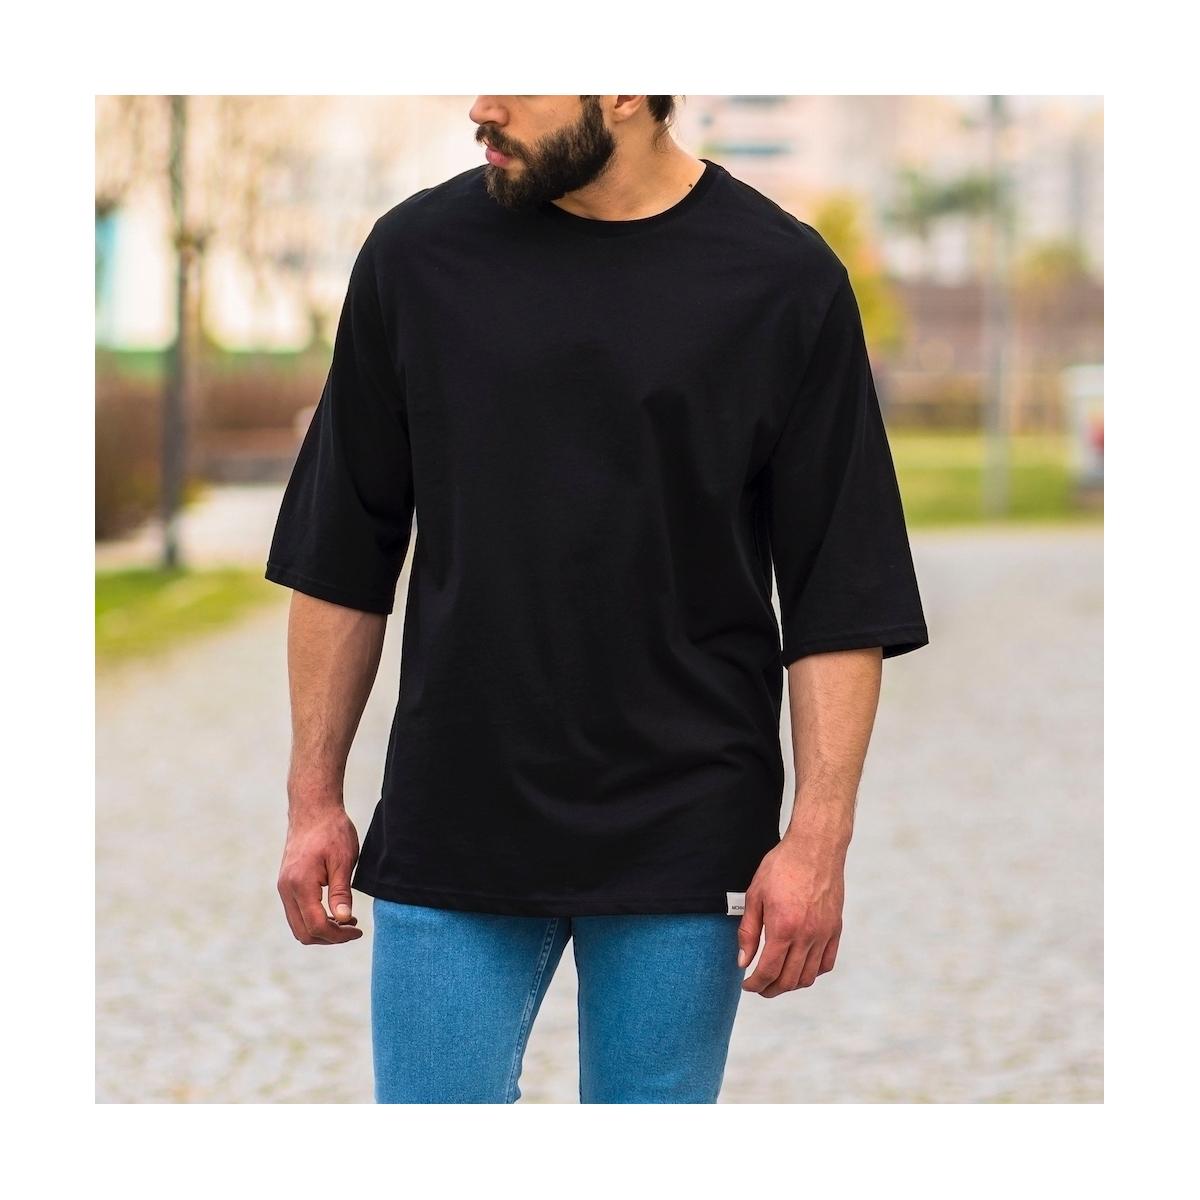 Erkek Uzun Kesim Yırtmaçlı Tişört Siyah